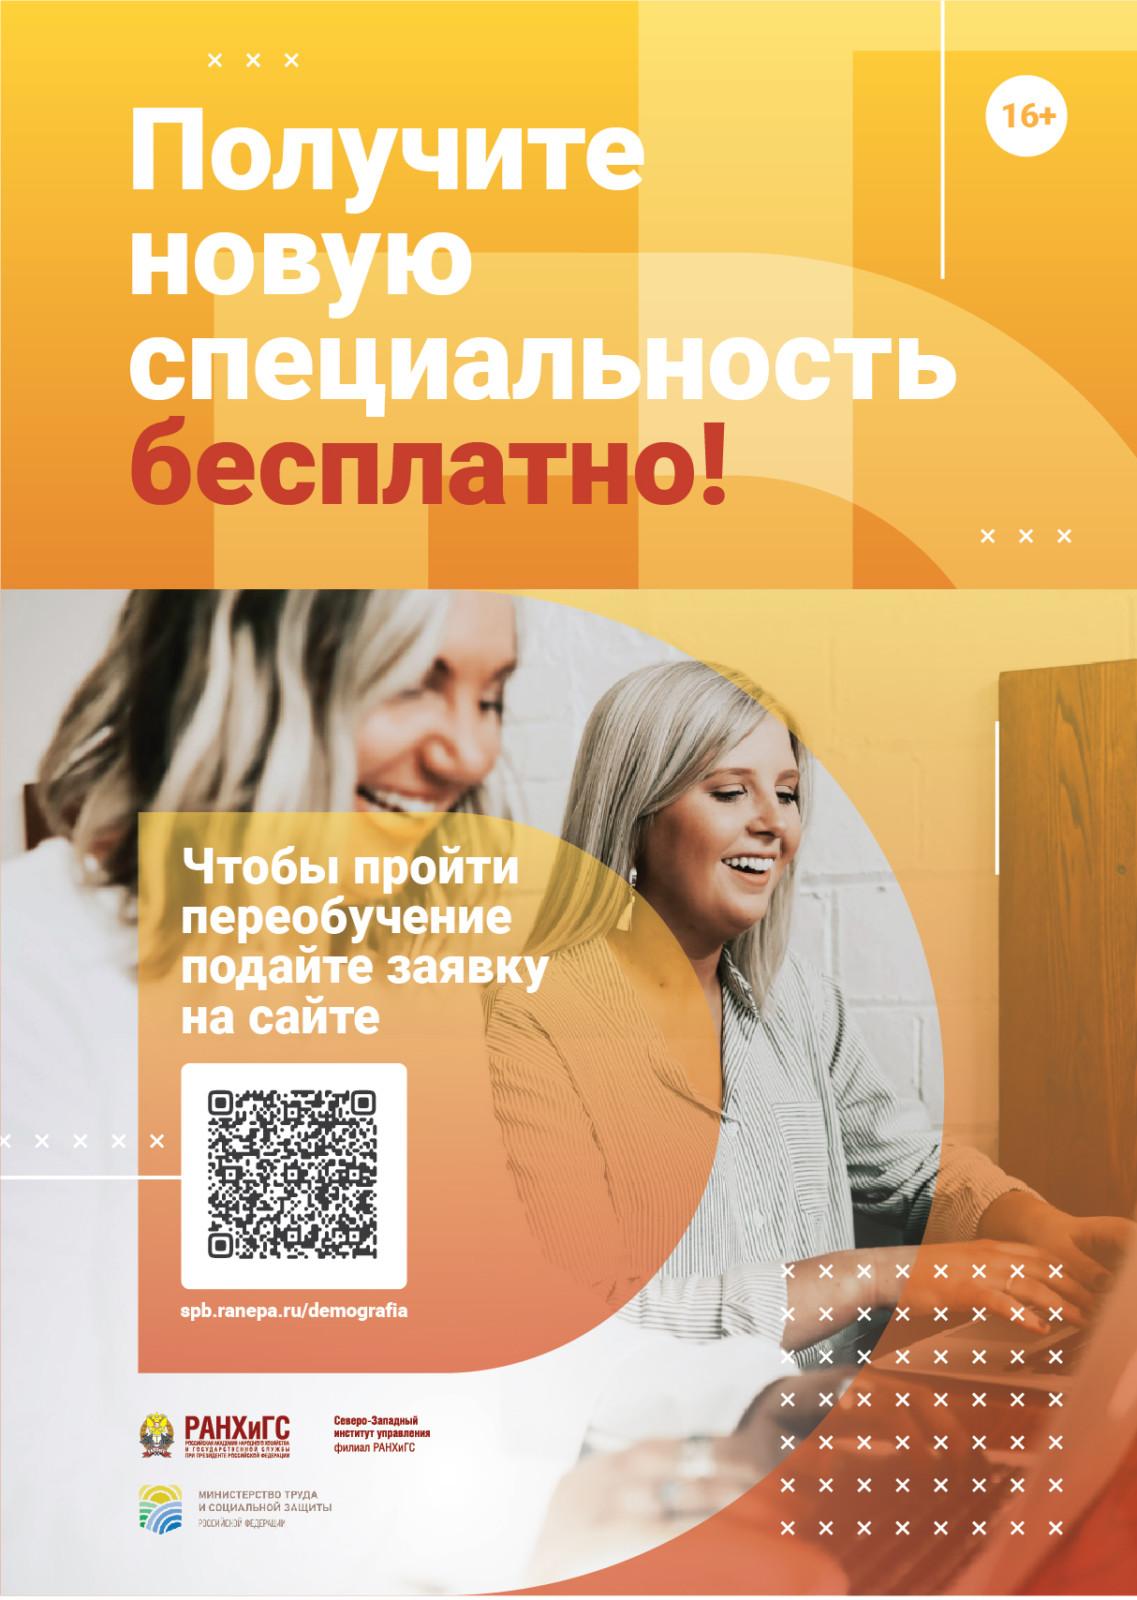 Петербург совместно с СЗИУ РАНХиГС реализует программы переобучения безработных